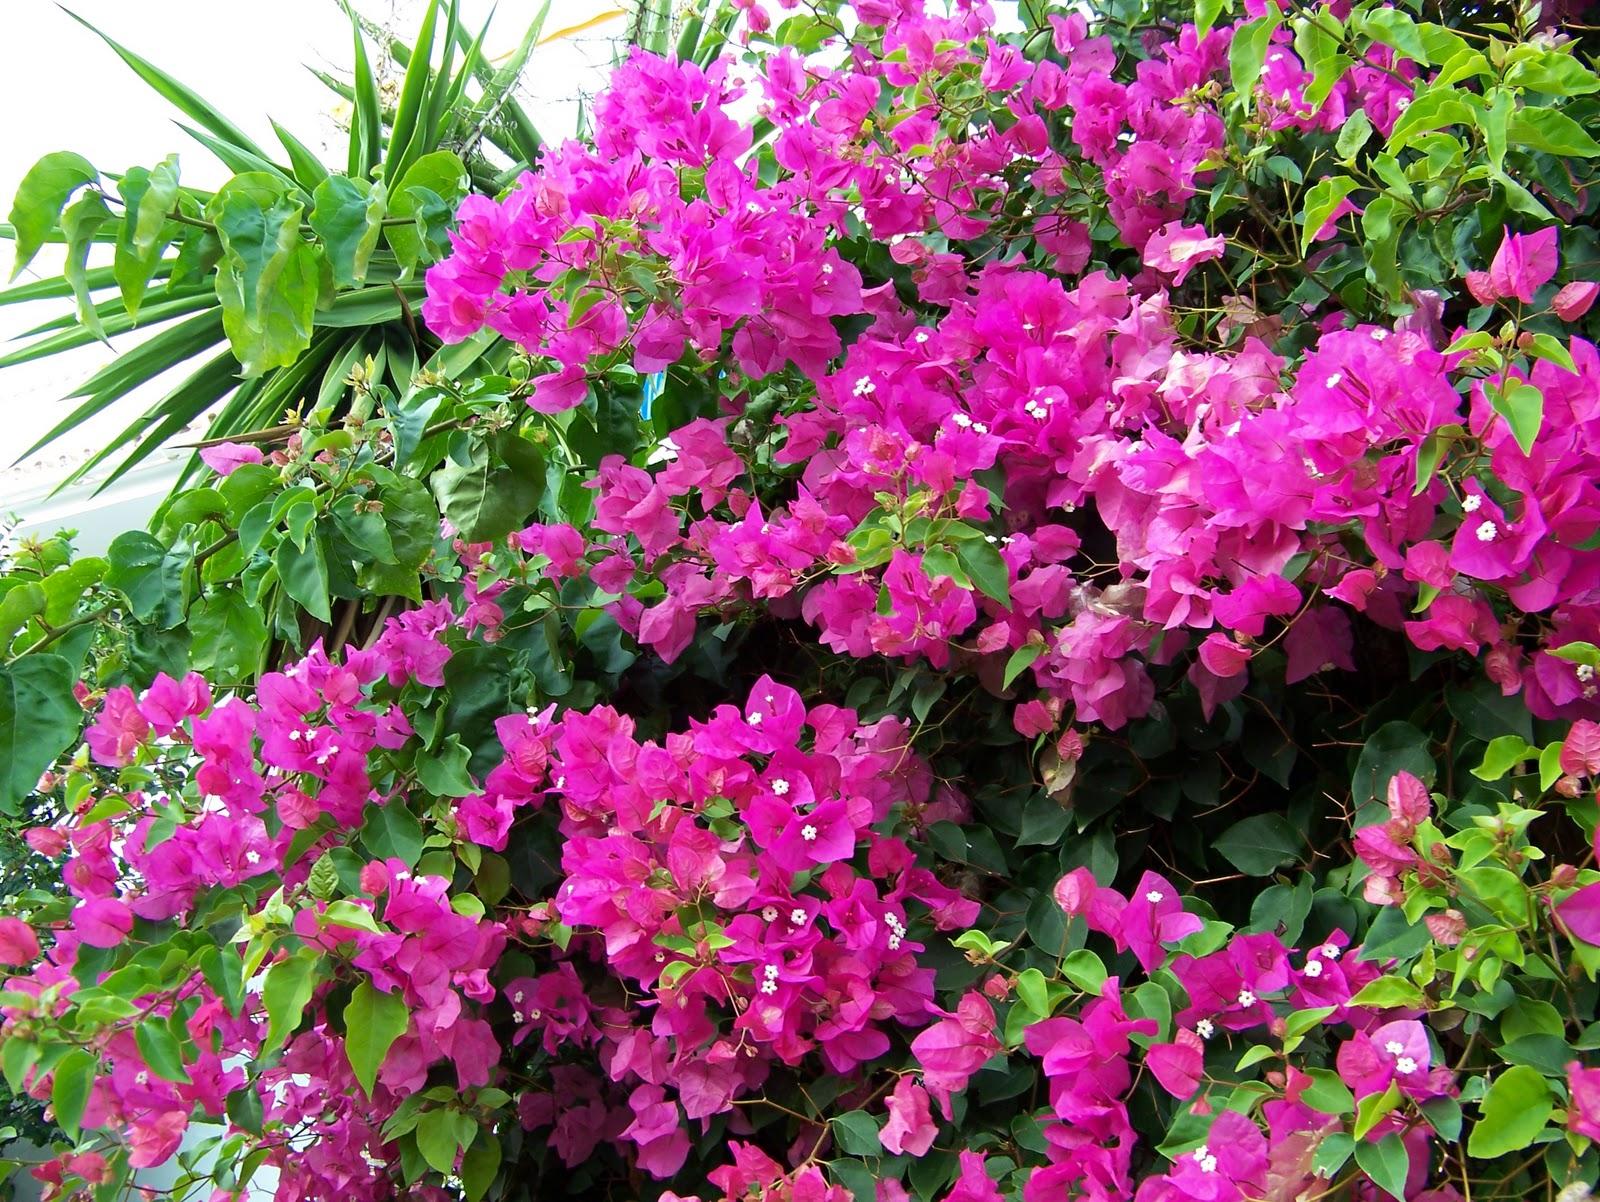 Cuidados de la buganvilla plantas y flores - Fotos de buganvillas ...